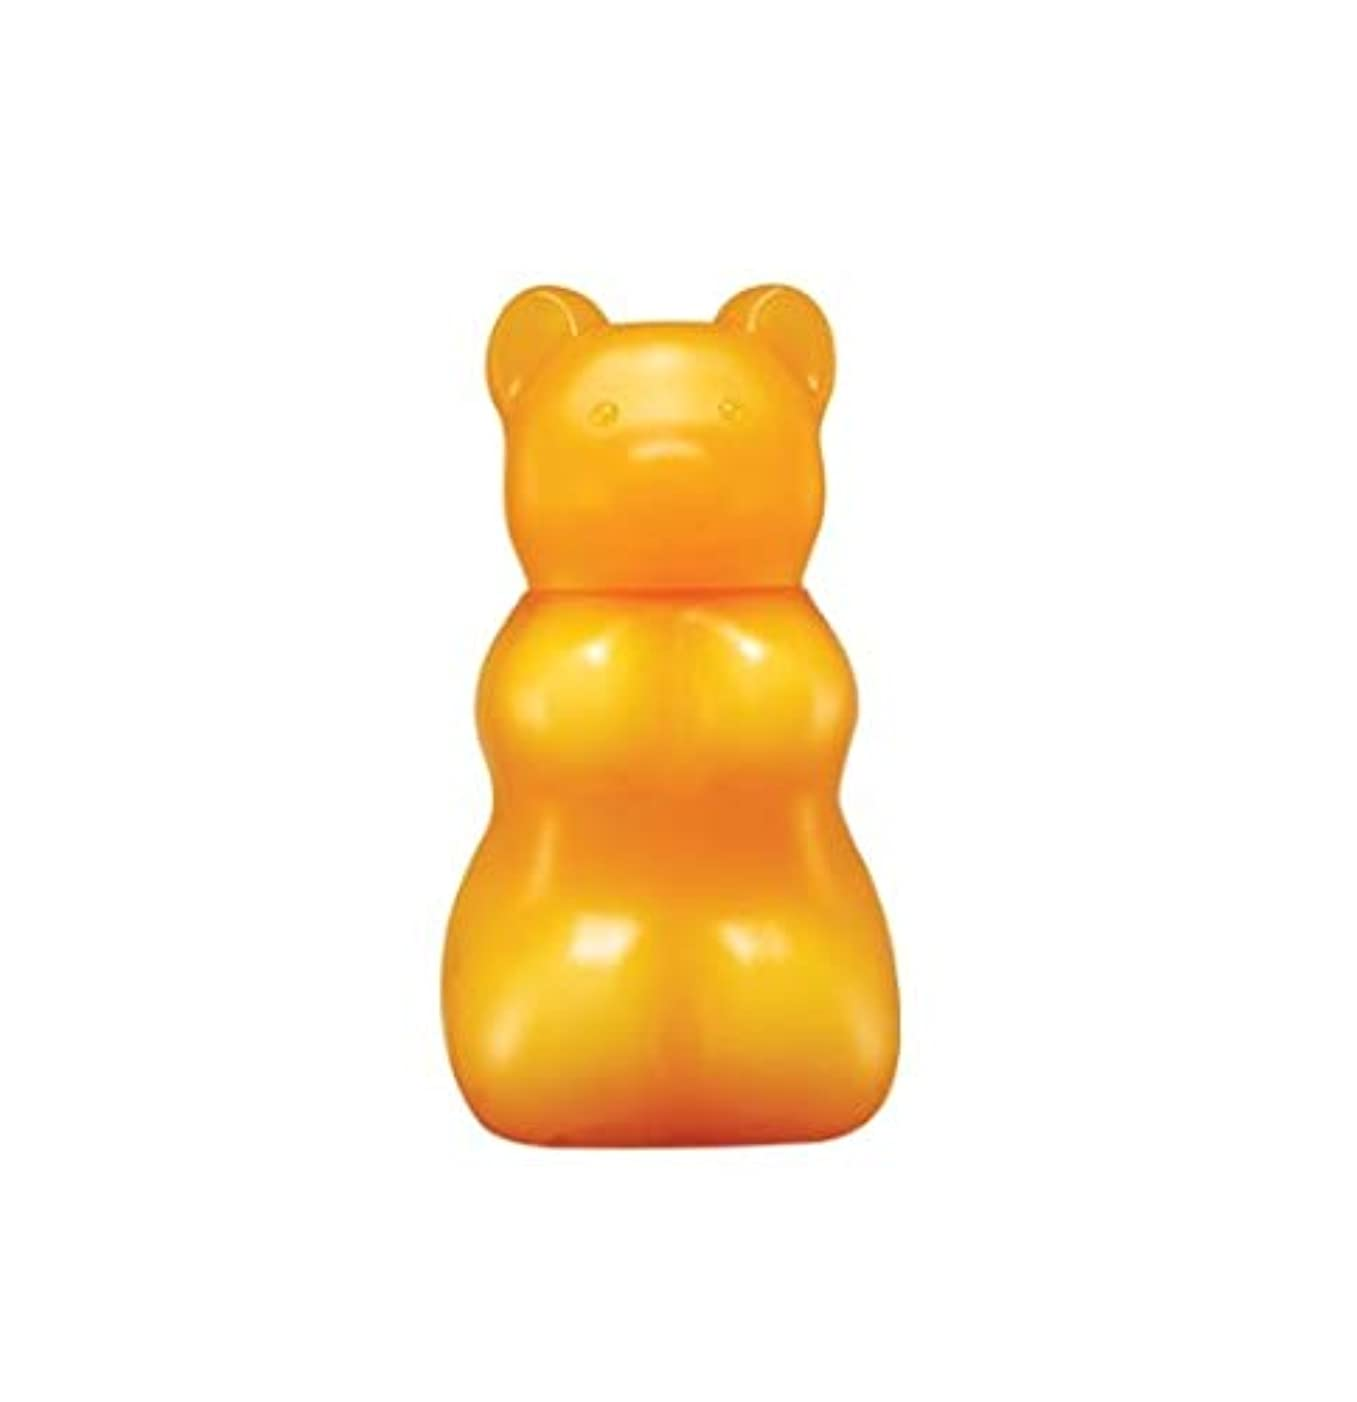 処方する罰するジョグSkinfood グミベアゼリークリーンジェル(アップル)#オレンジ(ハンドクリーム) / Gummy Bear Jelly Clean Gel (Apple) #Orange (Hand Cream) 45ml [並行輸入品]